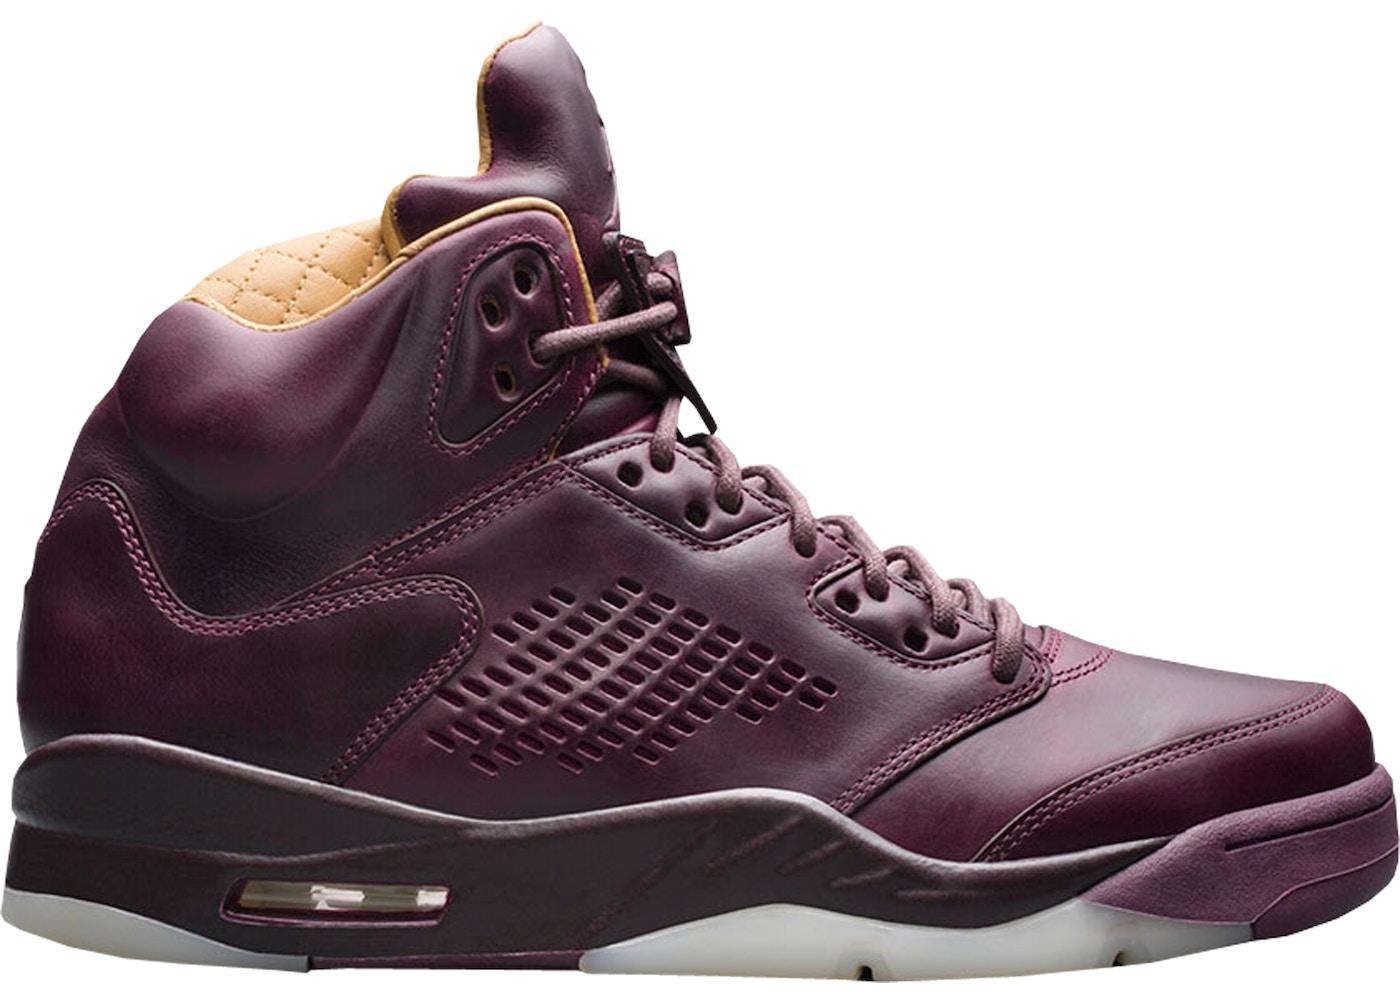 size 40 1ef44 de936 Air Jordan 5 Size 6 Shoes - Release Date